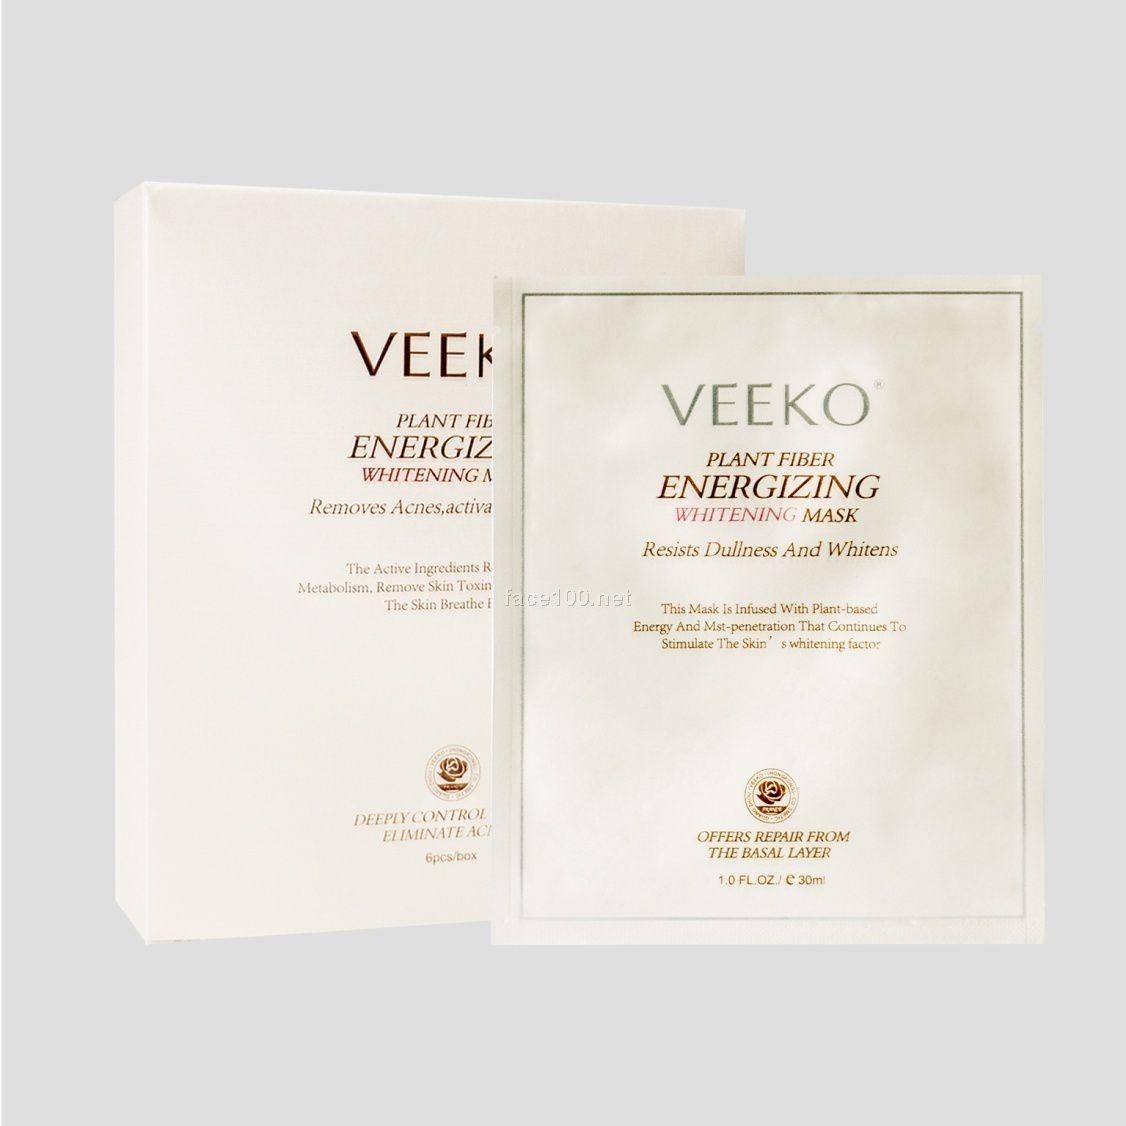 薇蔻植物纤维活能嫩白面膜直销批发代理销售